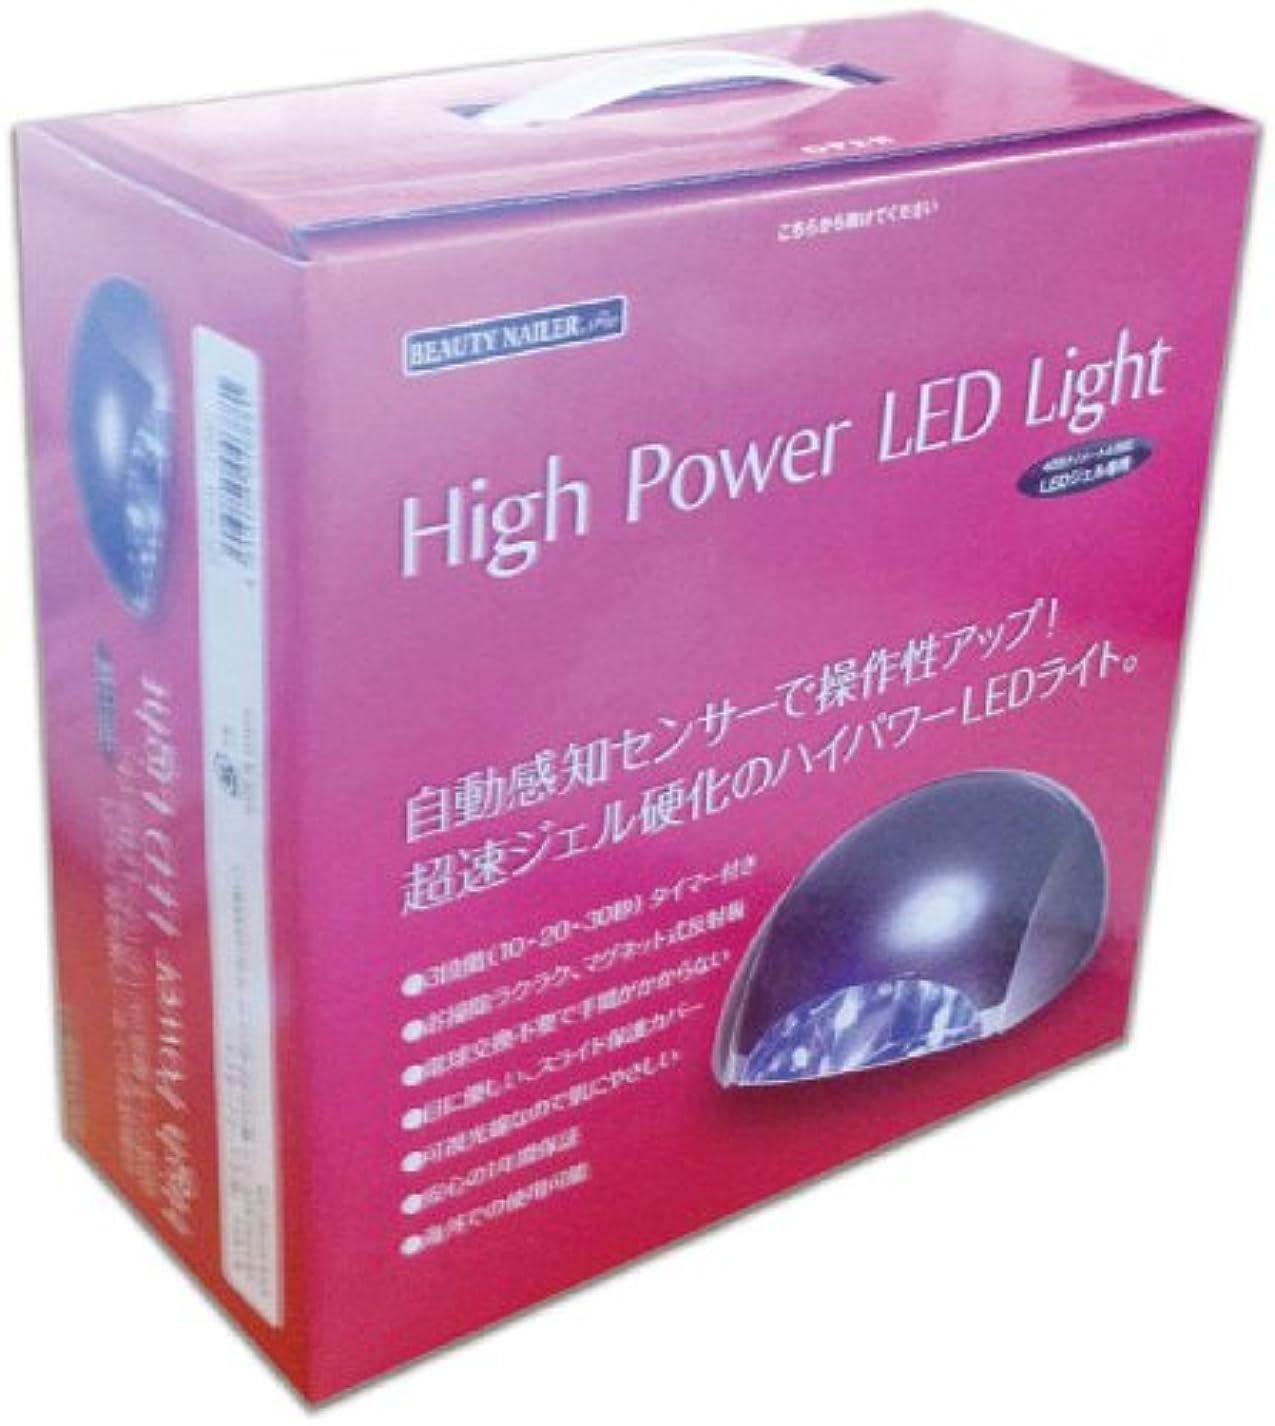 腰使い込むペニービューティーネイラー ハイパワーLEDライト HPL-40GB パールブラック